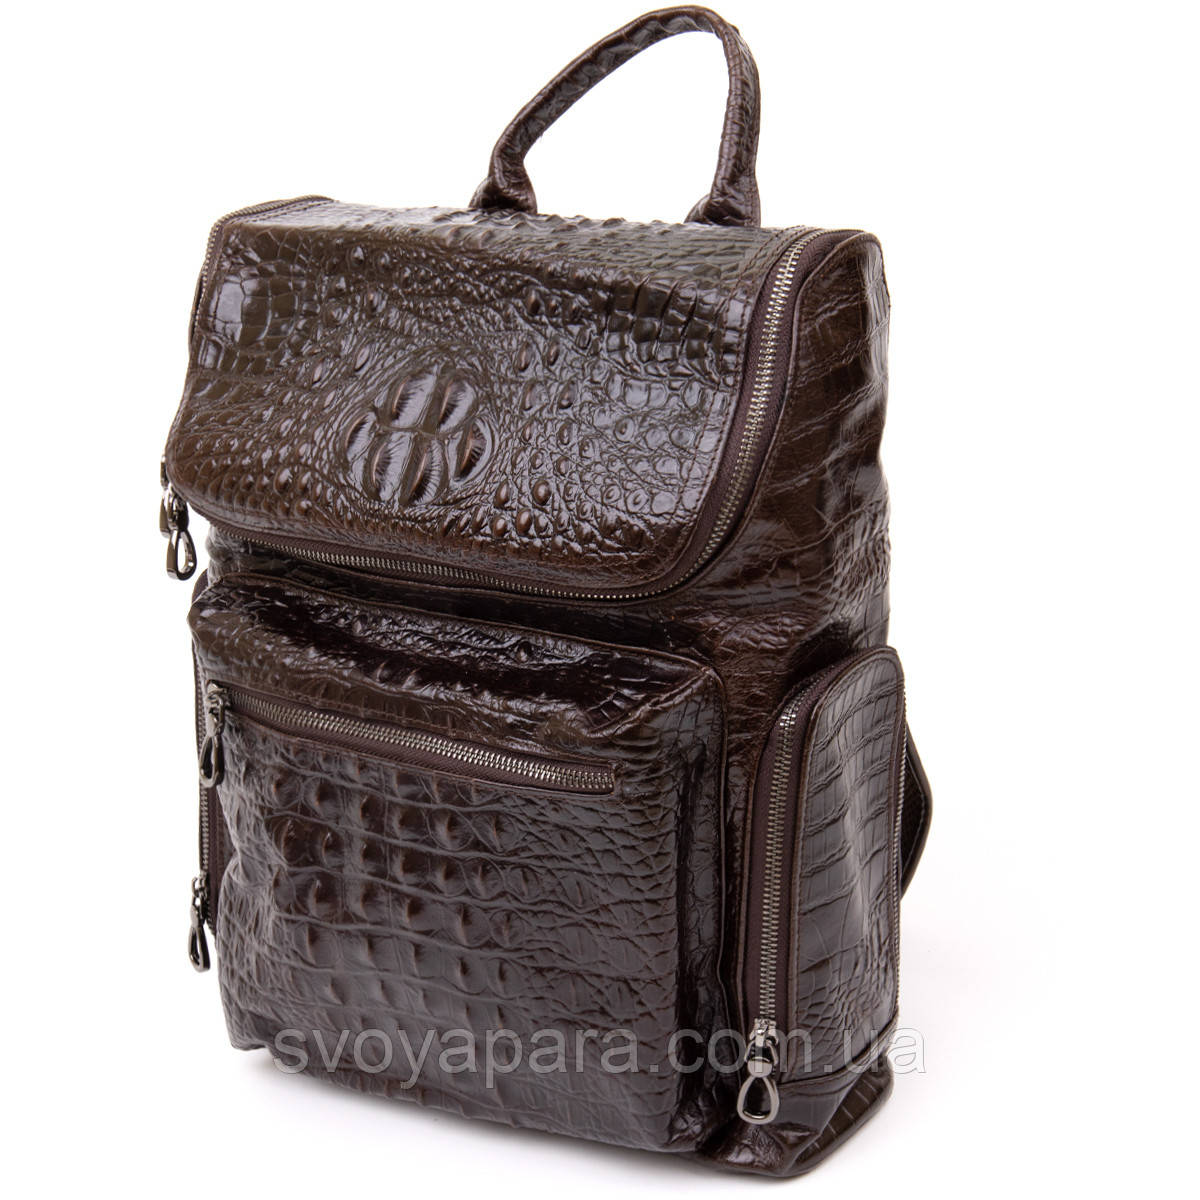 Рюкзак під рептилію шкіряний Vintage 20430 Коричневий